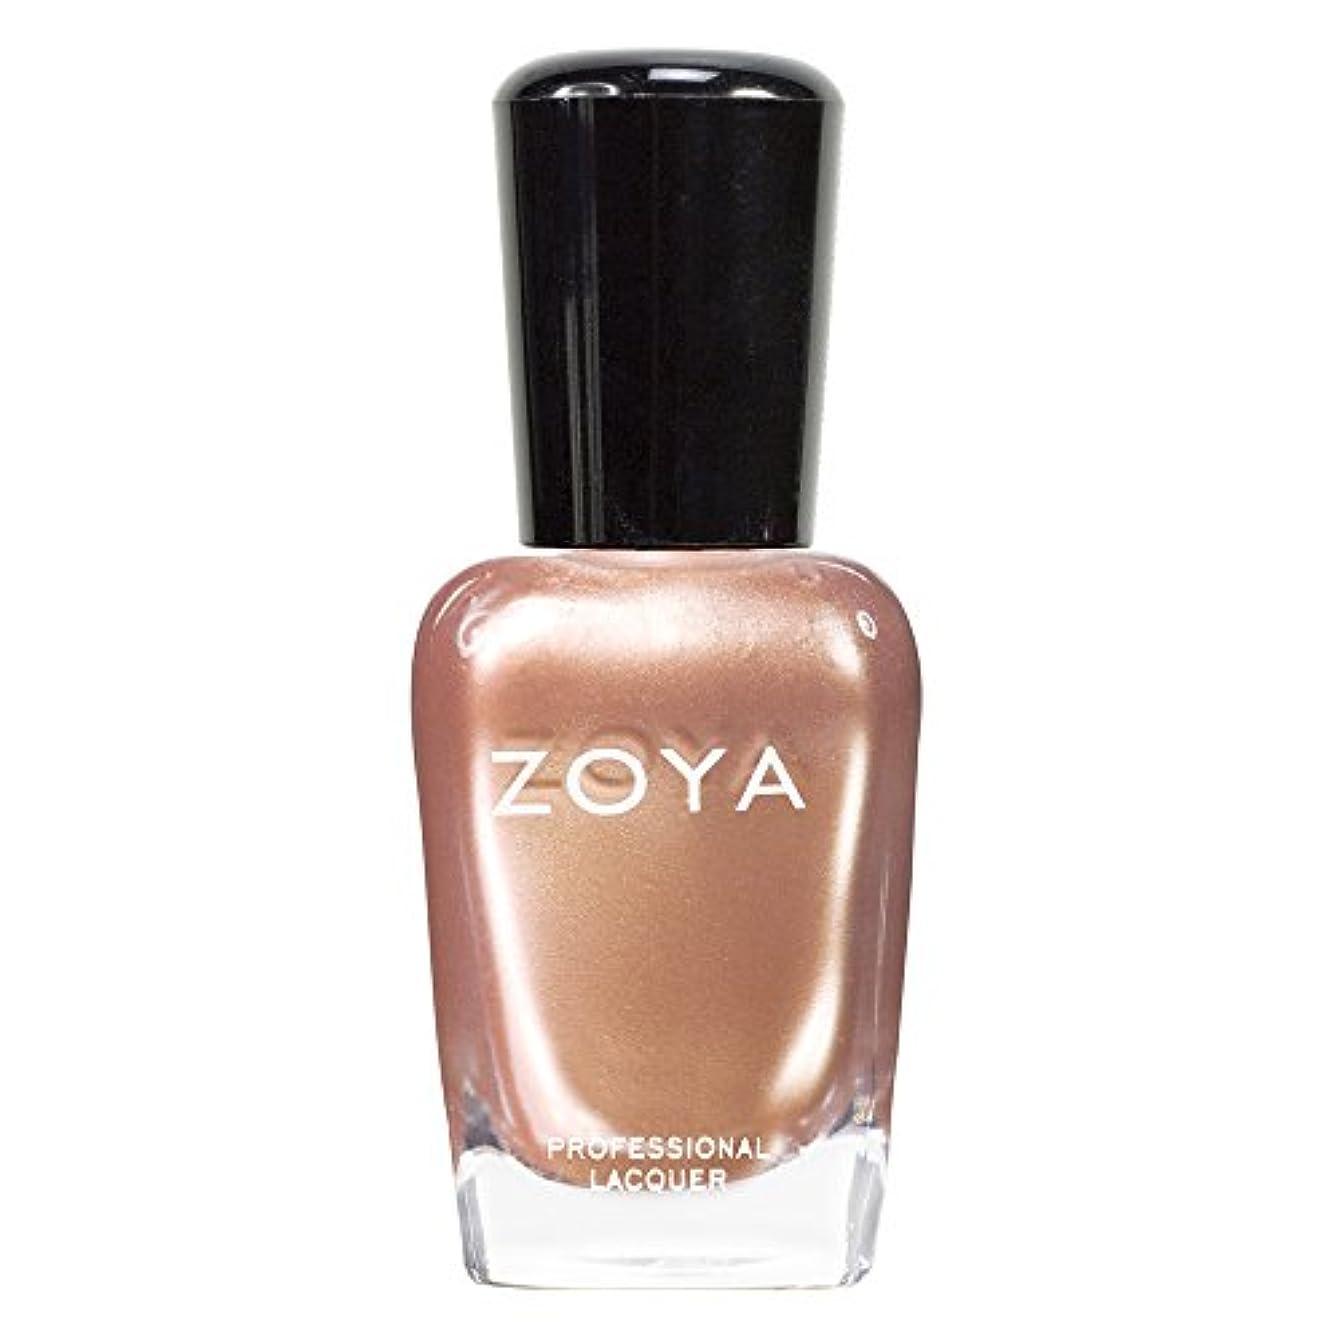 サーバ保持温帯ZOYA ゾーヤ ネイルカラーZP431 AUSTINE オースティン 15ml 上品なゴールド パール/メタリック 爪にやさしいネイルラッカーマニキュア